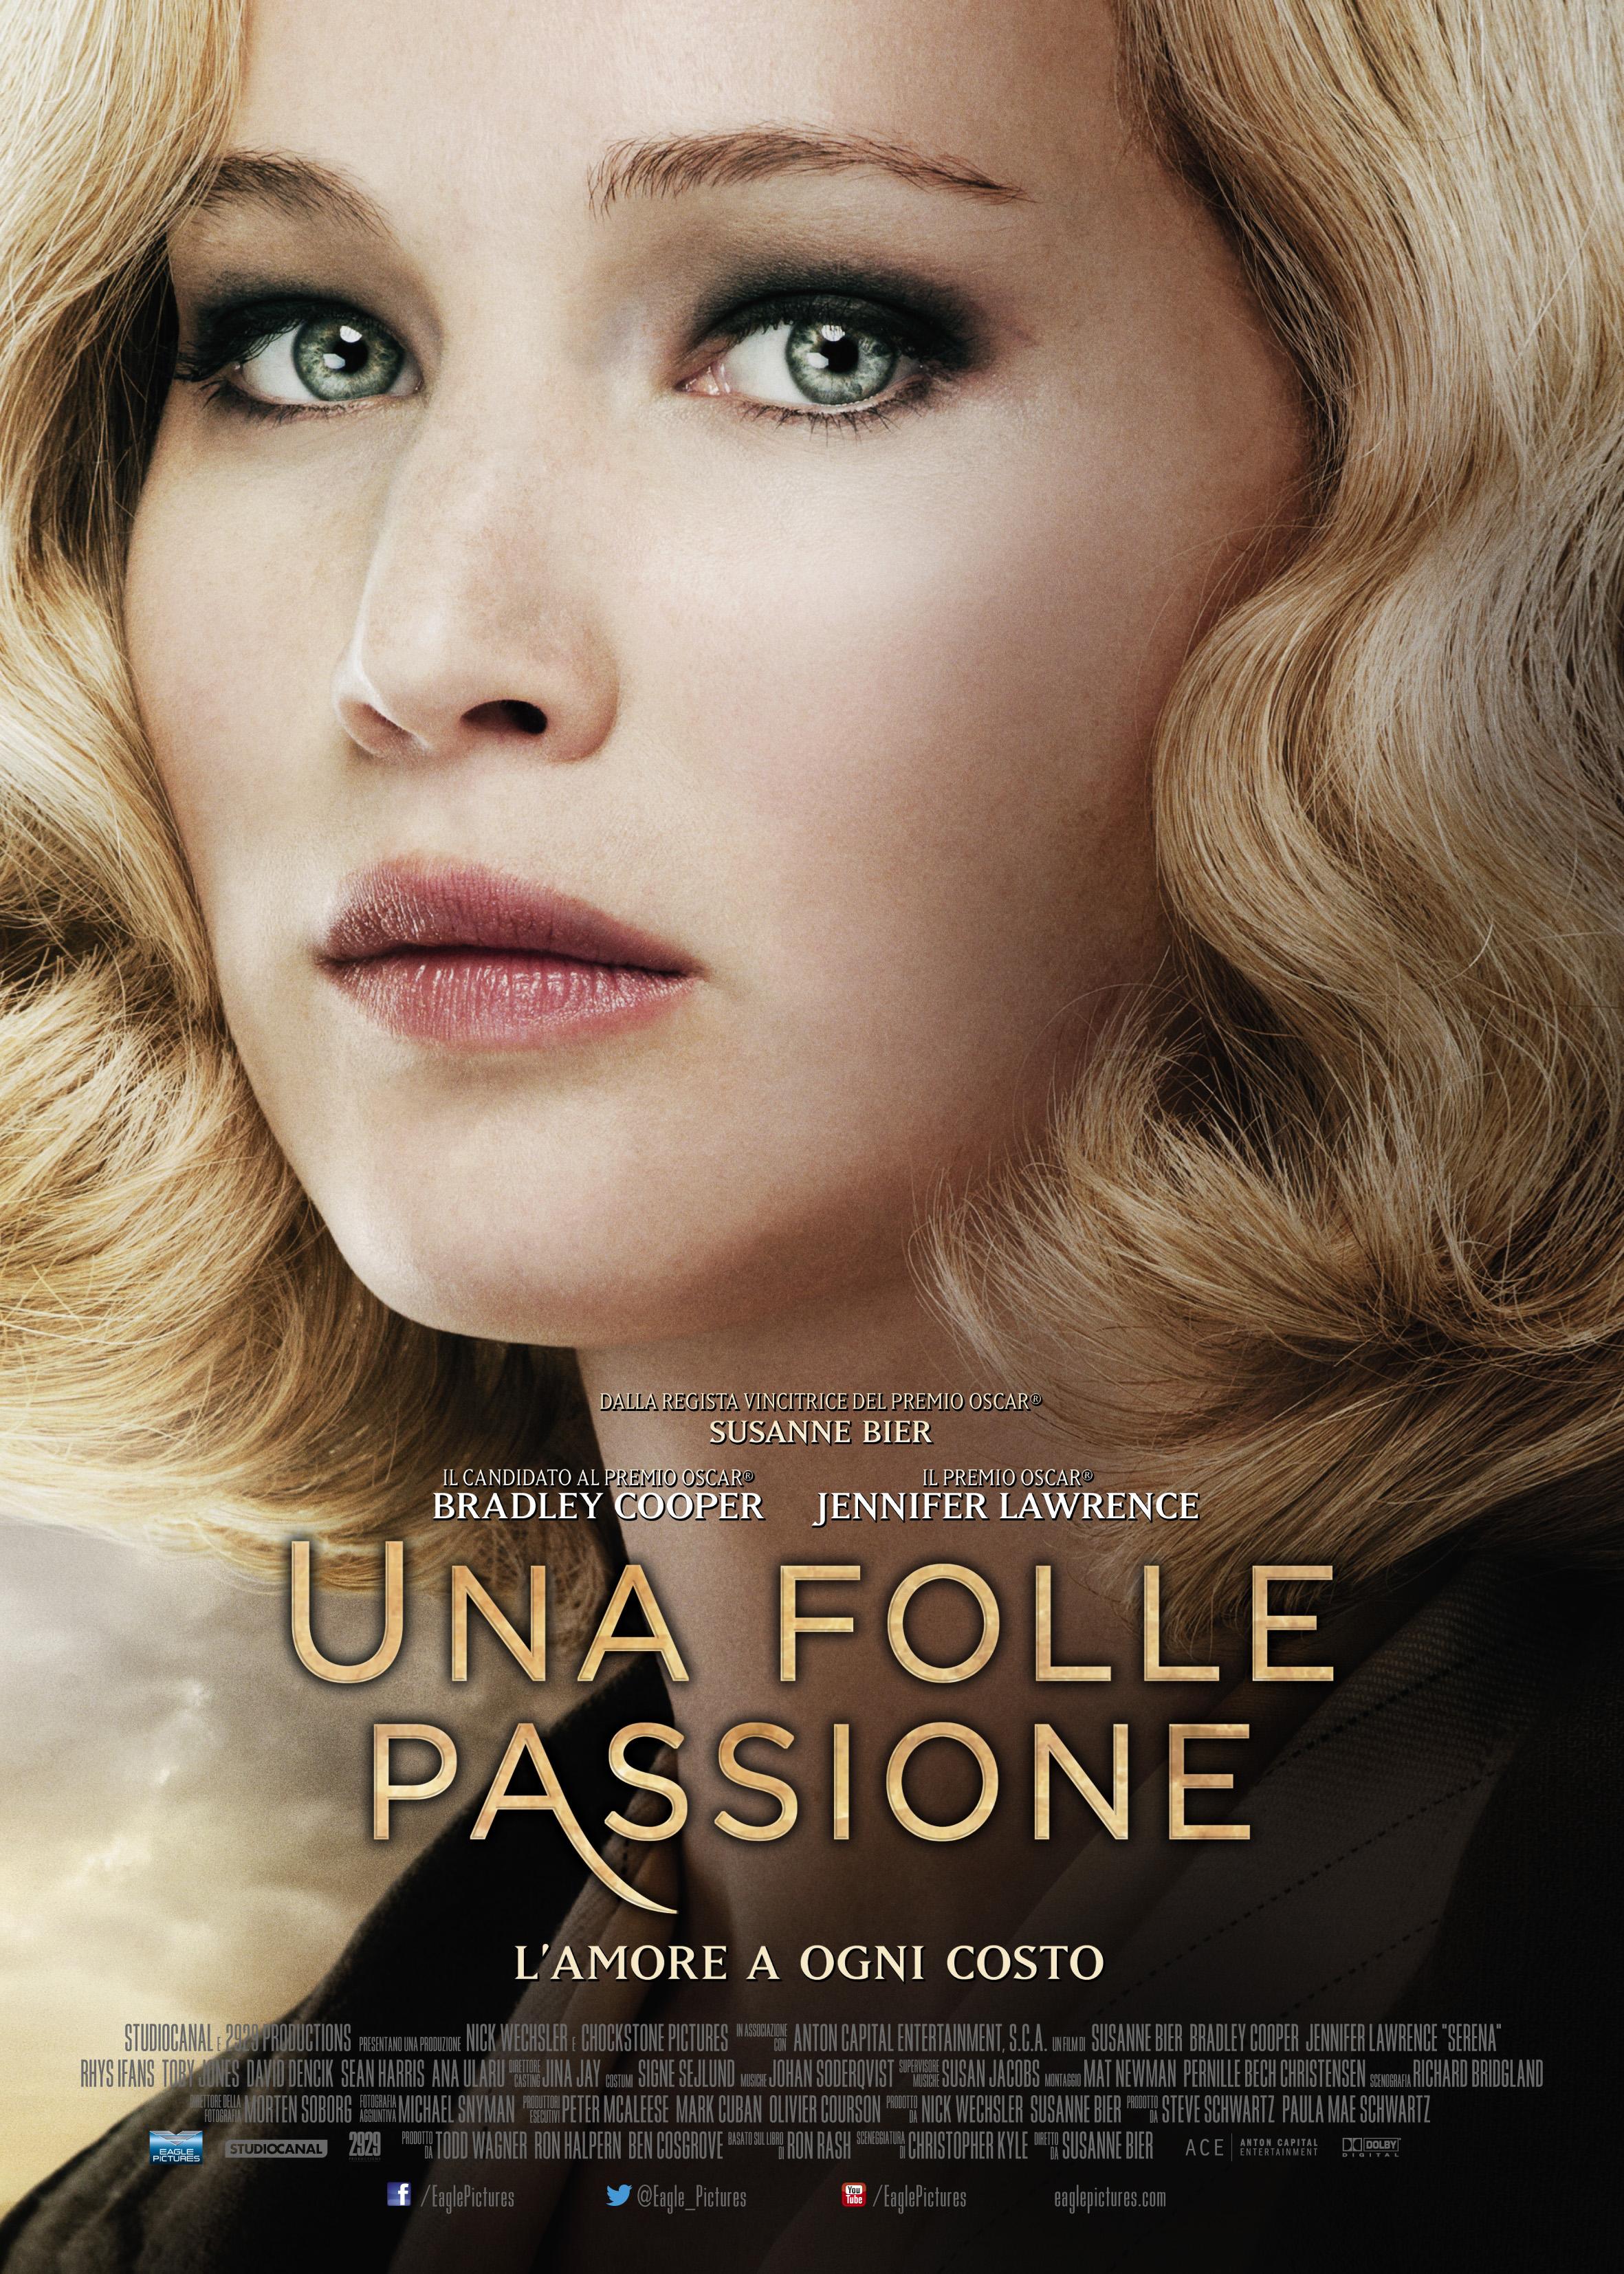 Una folle passione: il character poster del film con Jennifer Lawrence